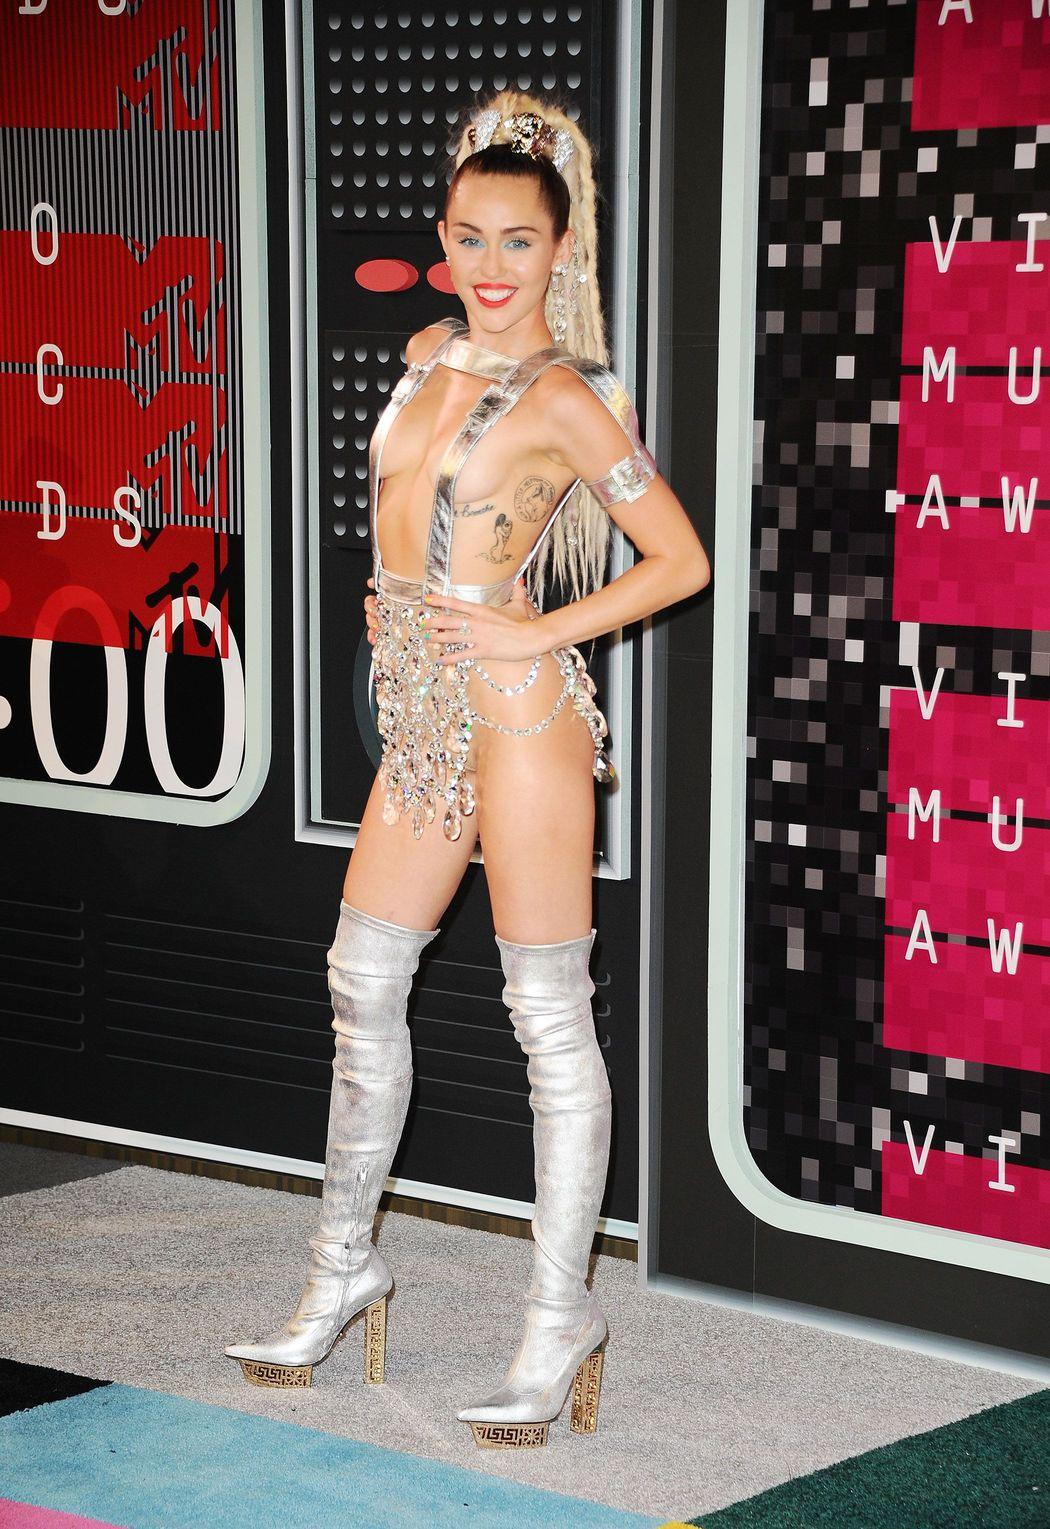 Miley-Cyrus-Sexy-62